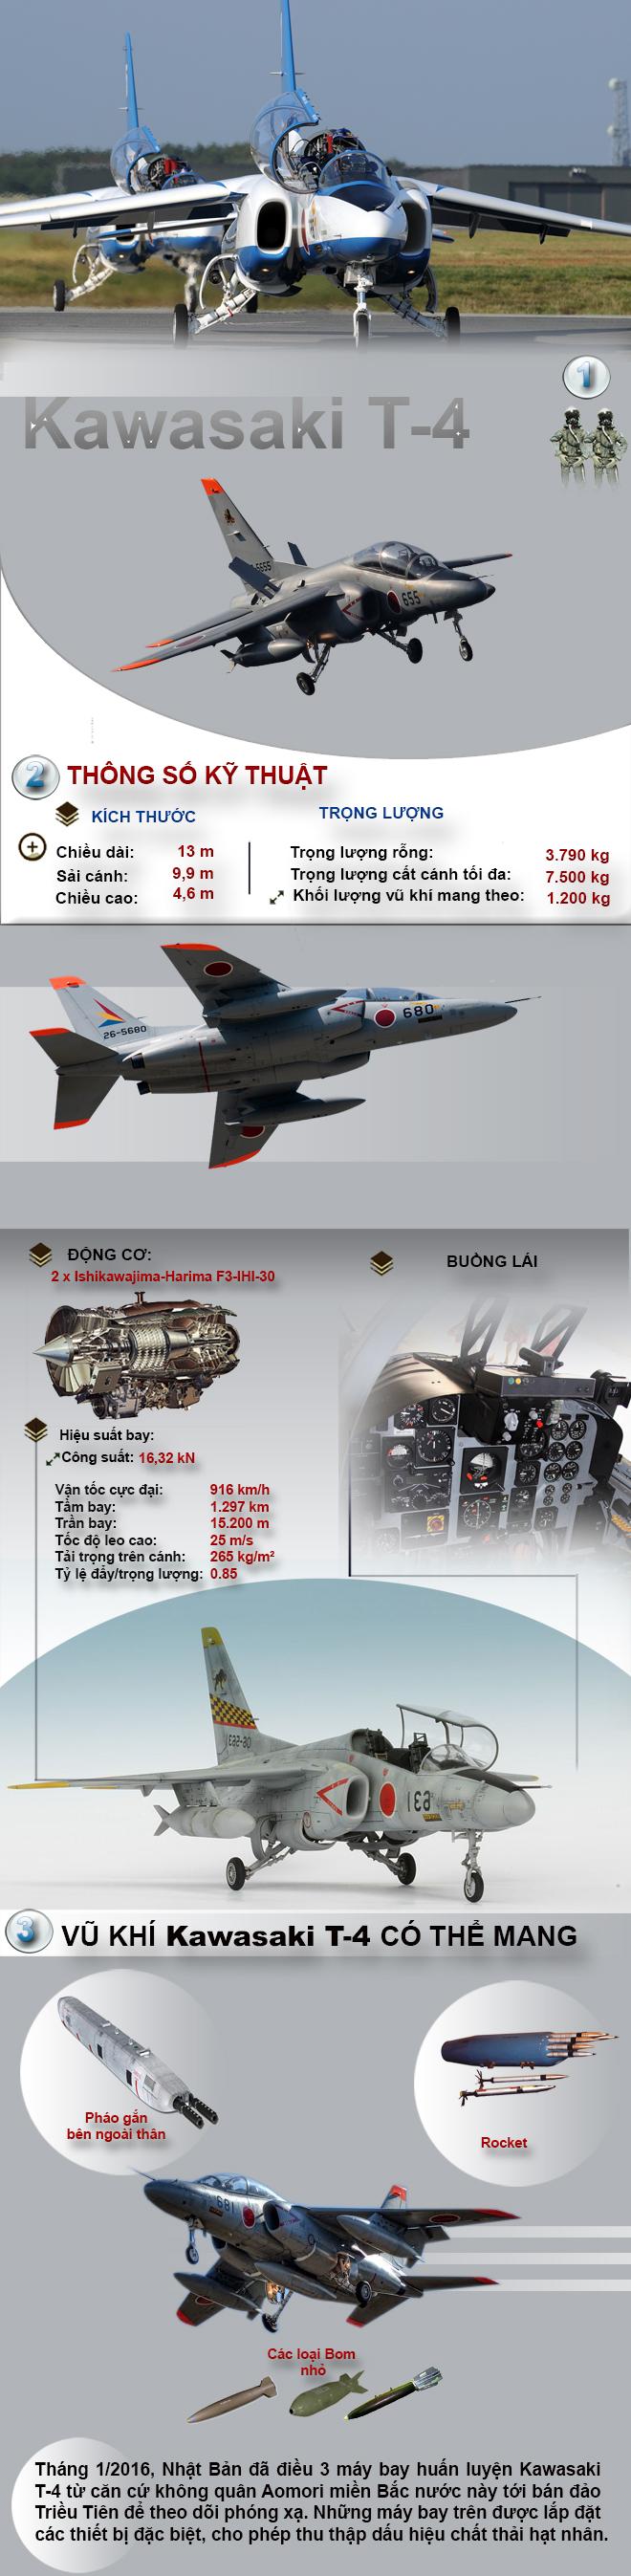 Máy bay huấn luyện Kawasaki T-4 và nhiệm vụ có một không hai trên bán đảo Triều Tiên - Ảnh 1.